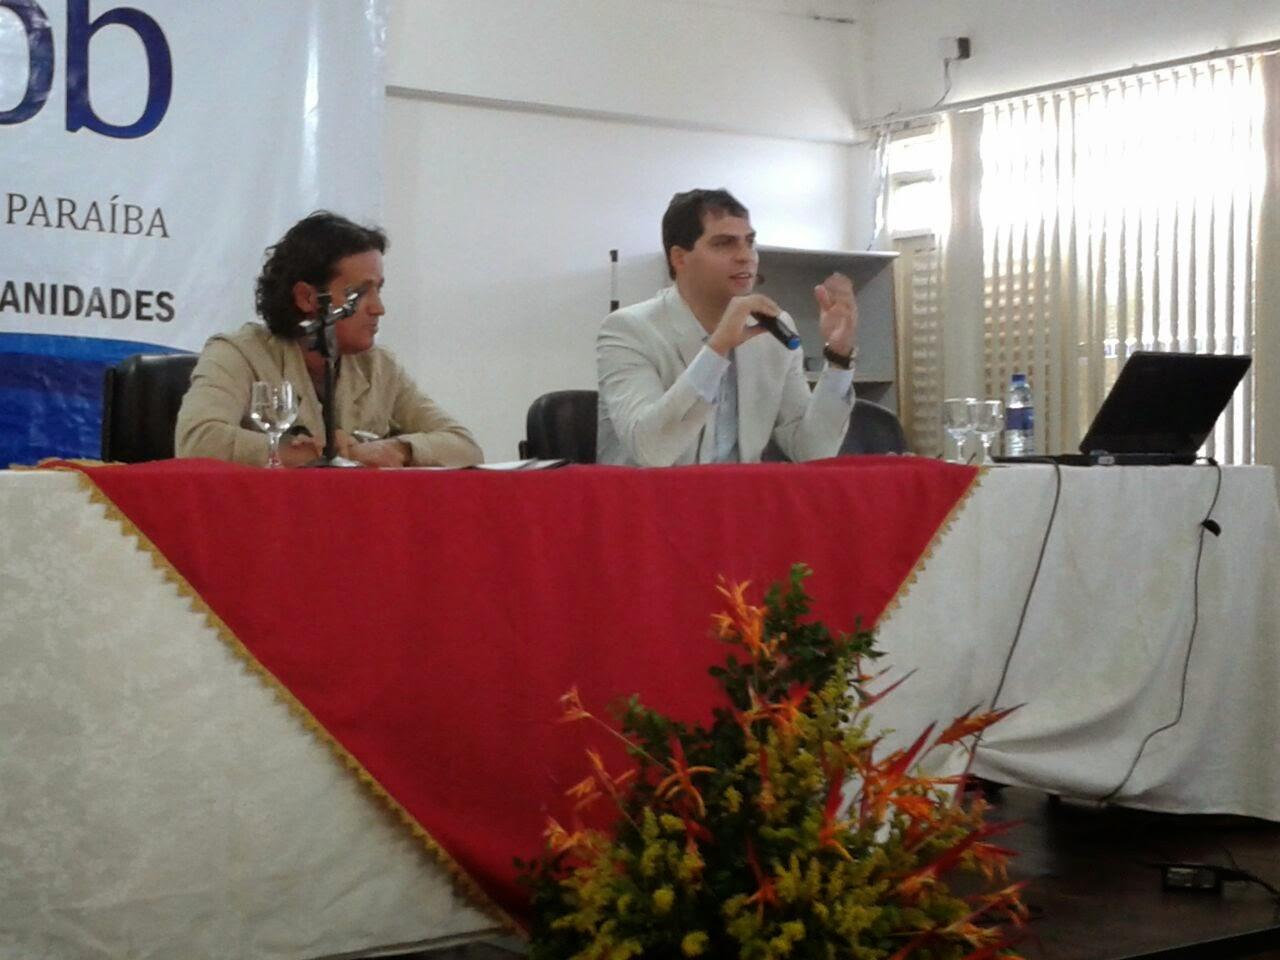 Palestra: Os quatro desafios do Direito de Família na atualidade